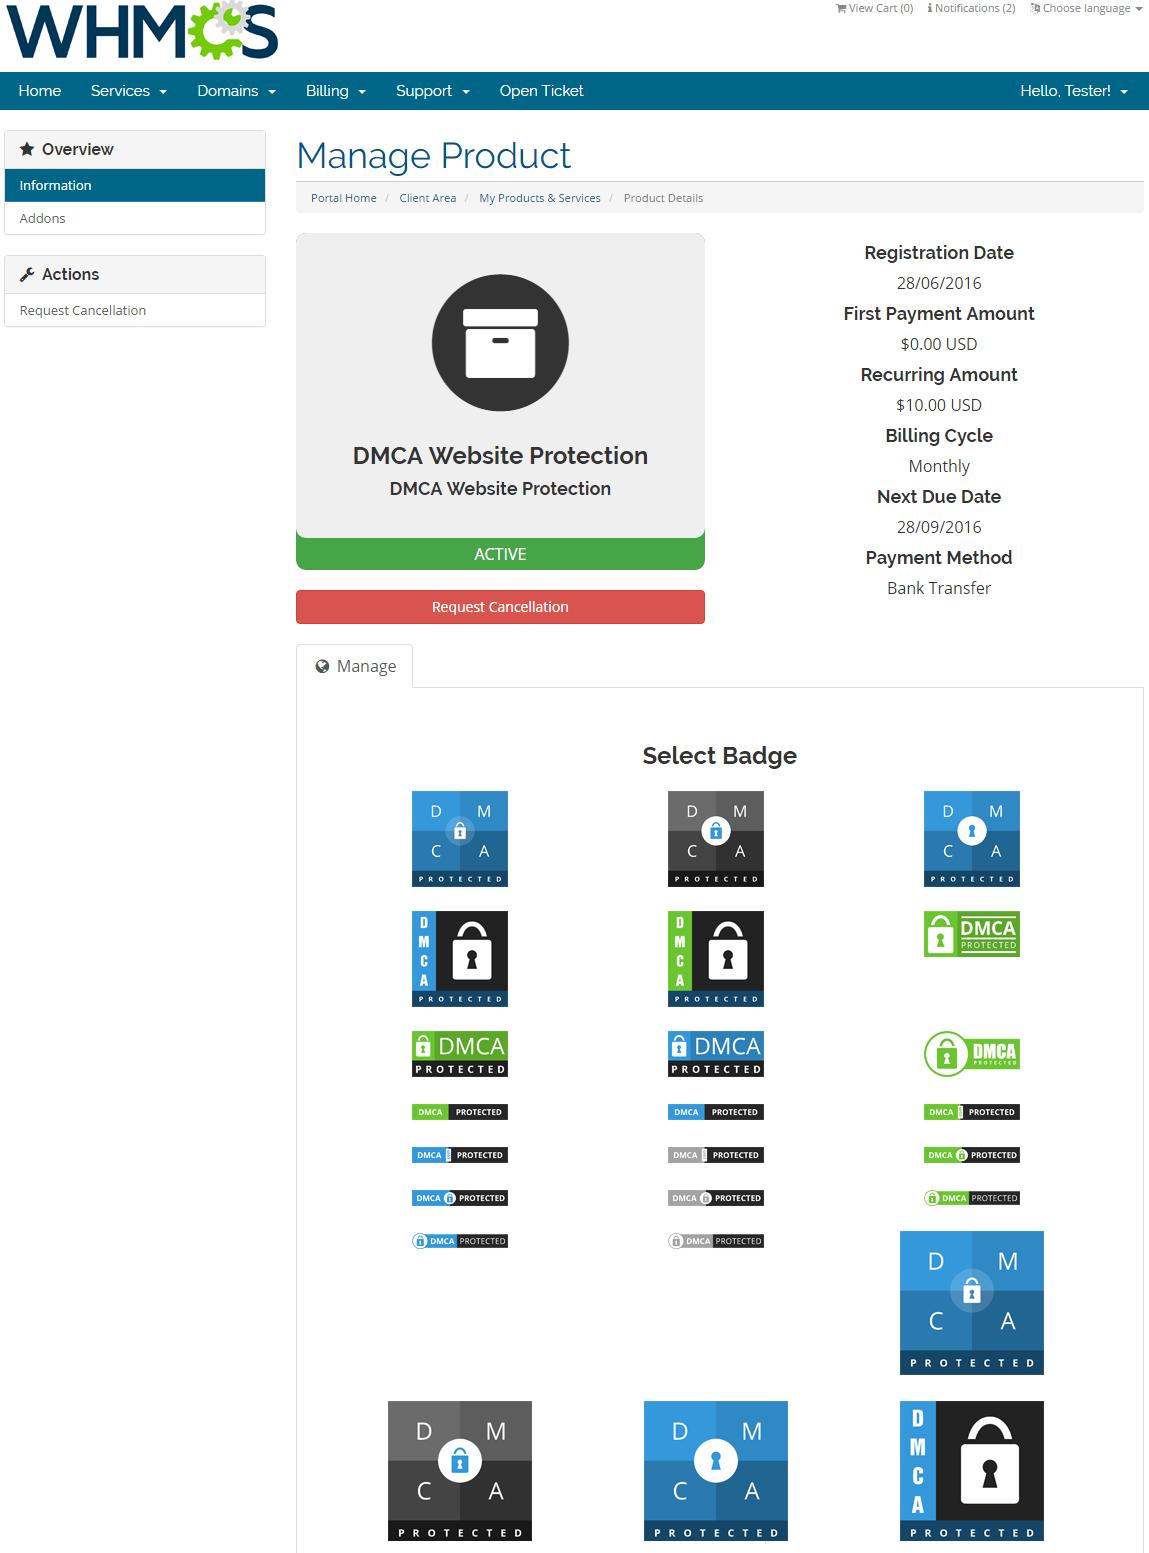 DMCA.com For WHMCS: Screen 4